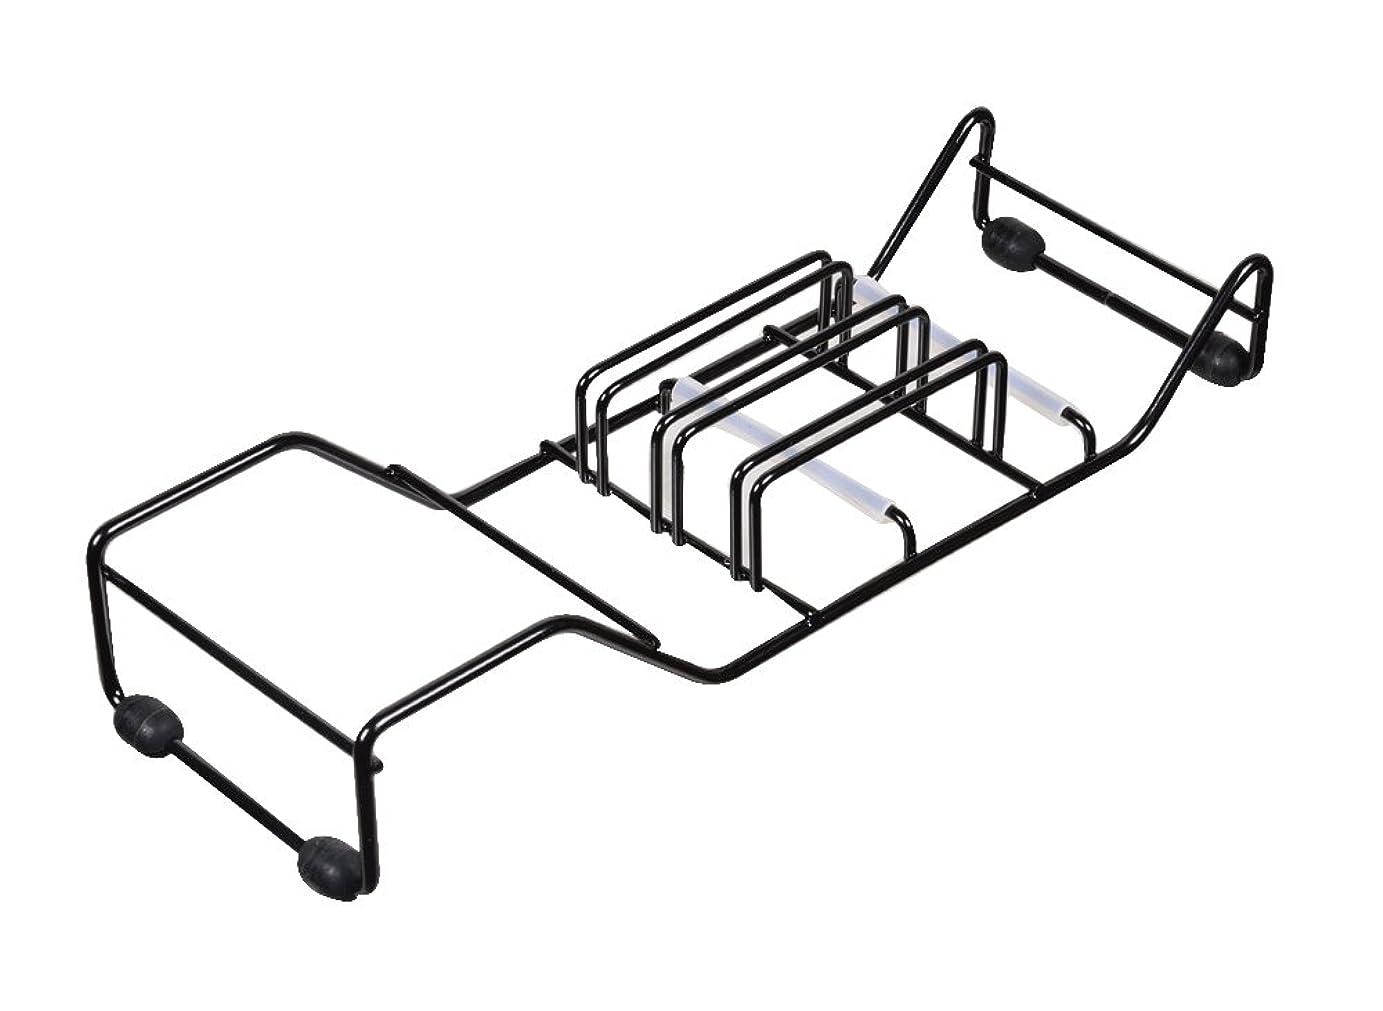 シェフアライメントにおいパール金属 スキット ワイヤー 包丁 置き ブラック HB-1280